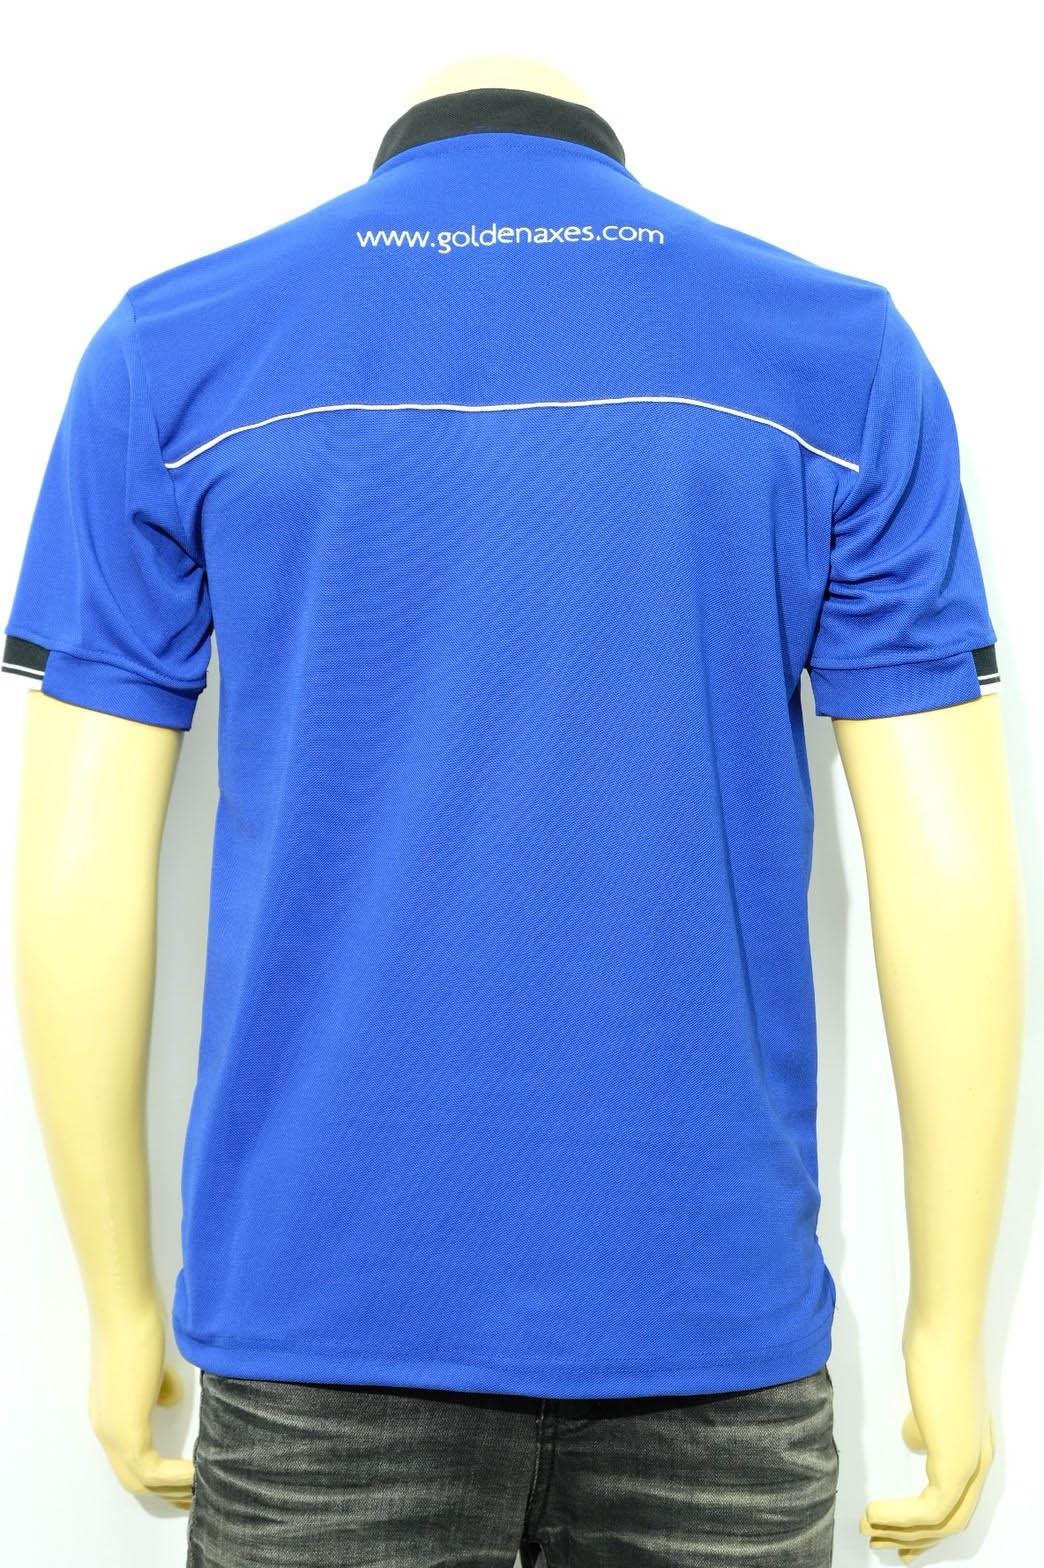 เสื้อโปโลสีน้ำเงิน ปักลาย